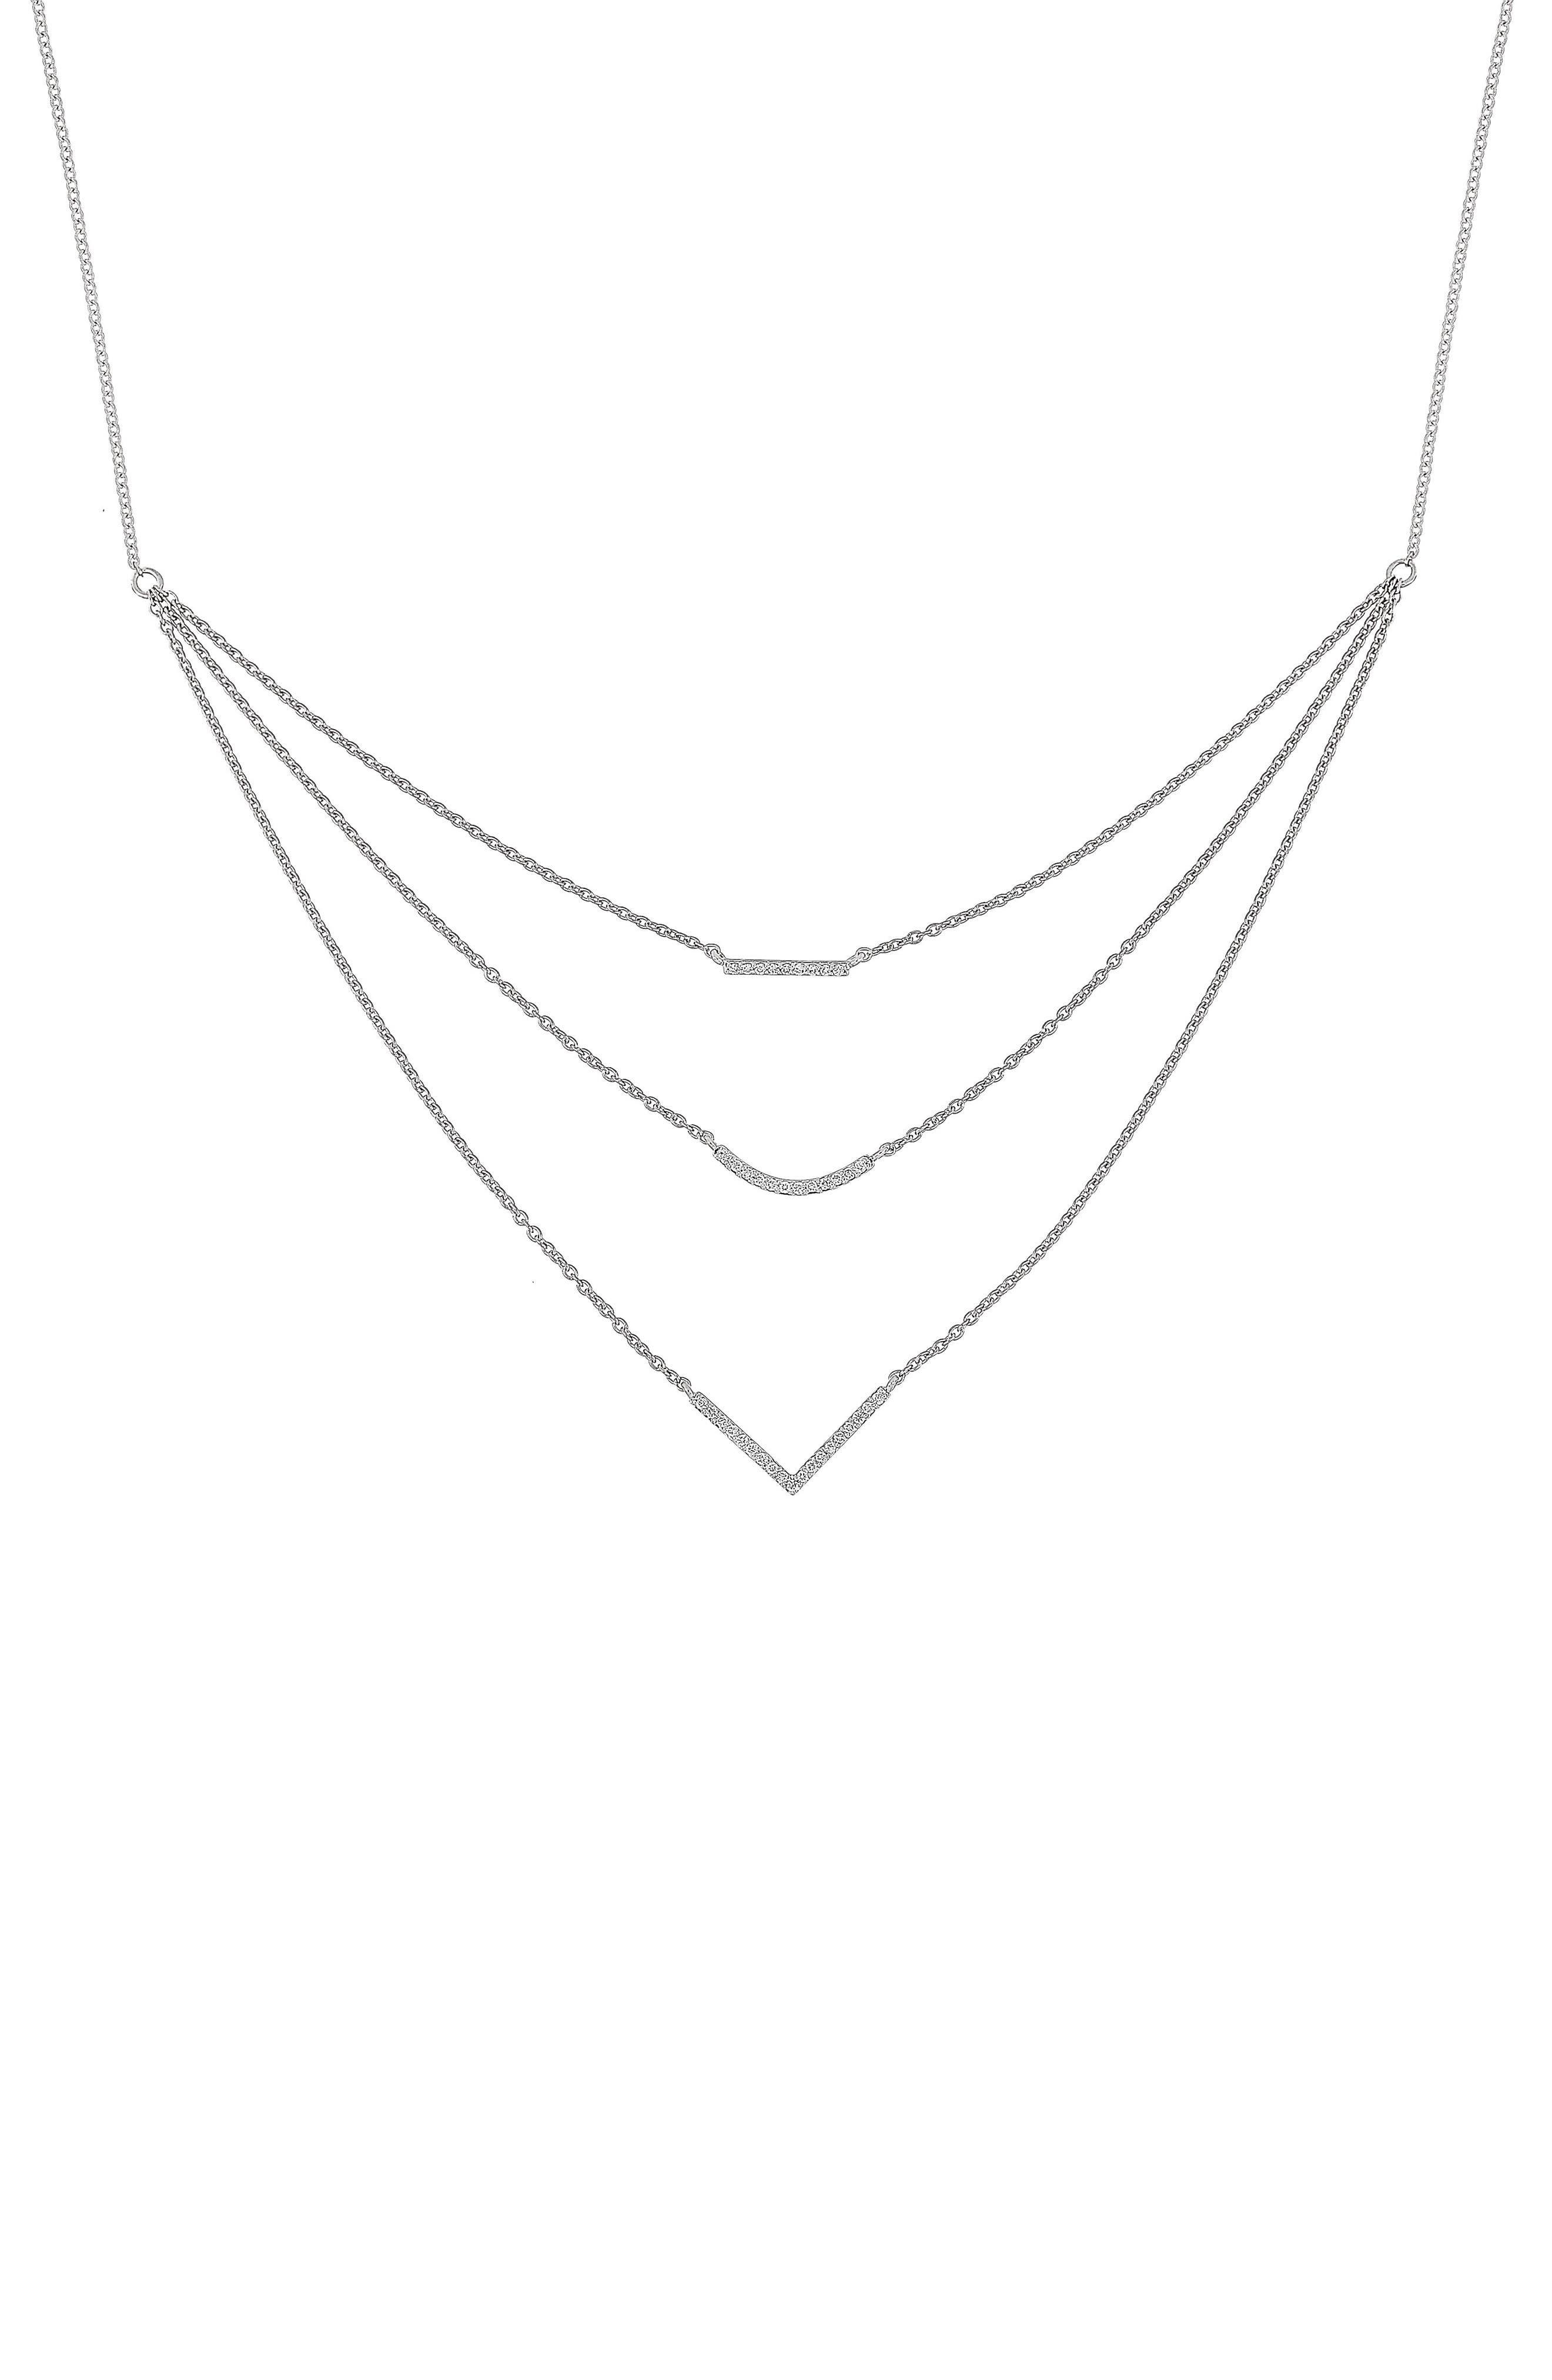 Multistrand Diamond Pendant Necklace,                         Main,                         color, White Gold